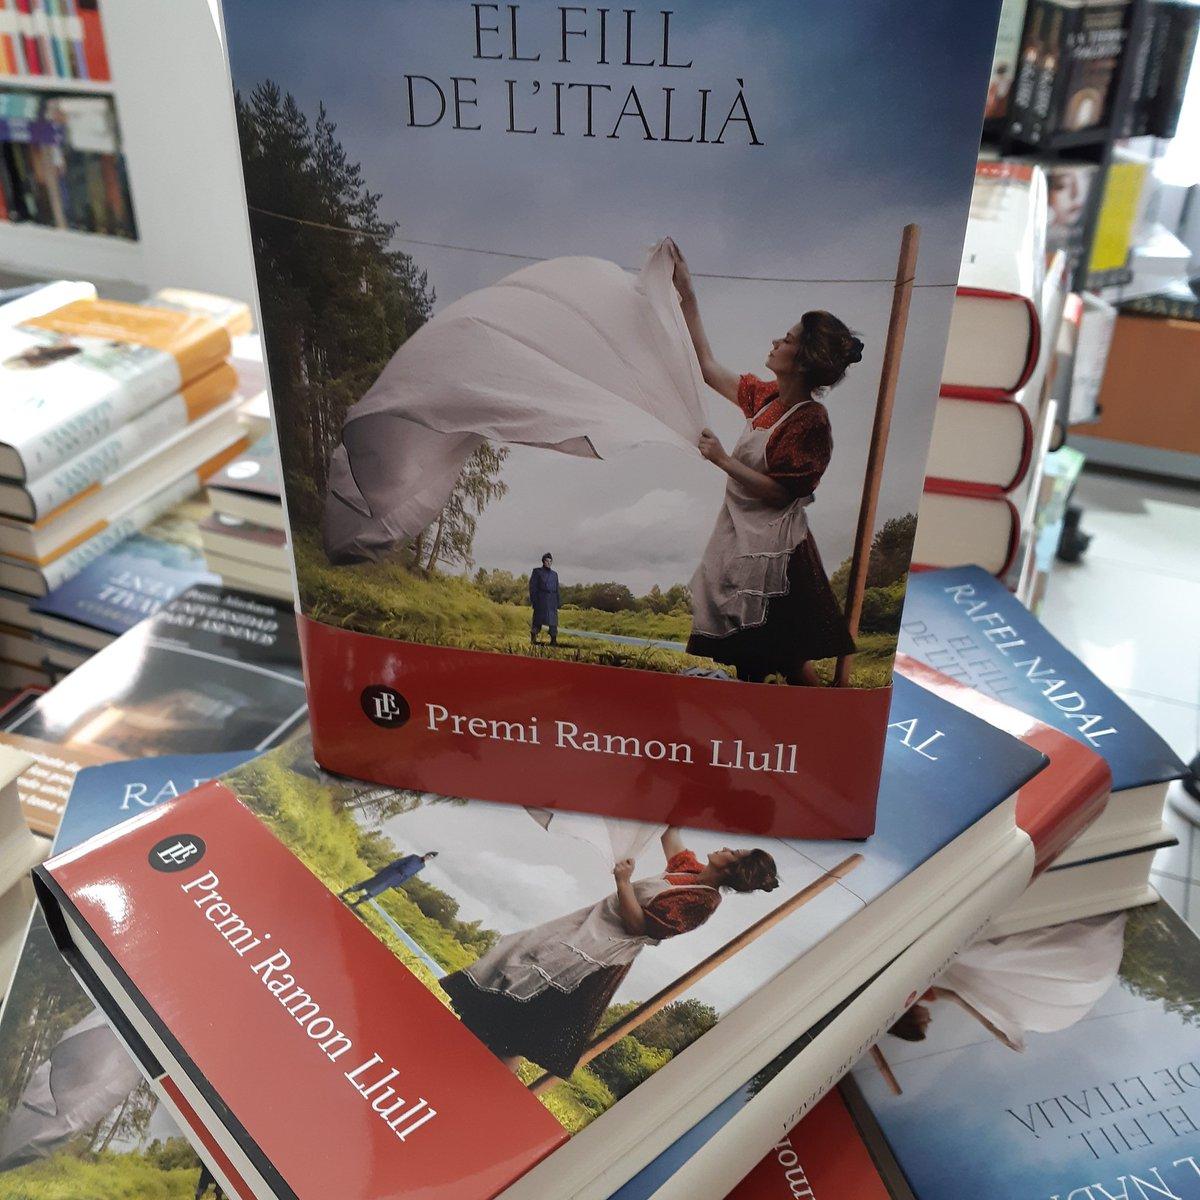 Avui de 7 a 8 vendrà a signar en @nadalrafel @columnaedicions #llibres #Girona  #llibreries